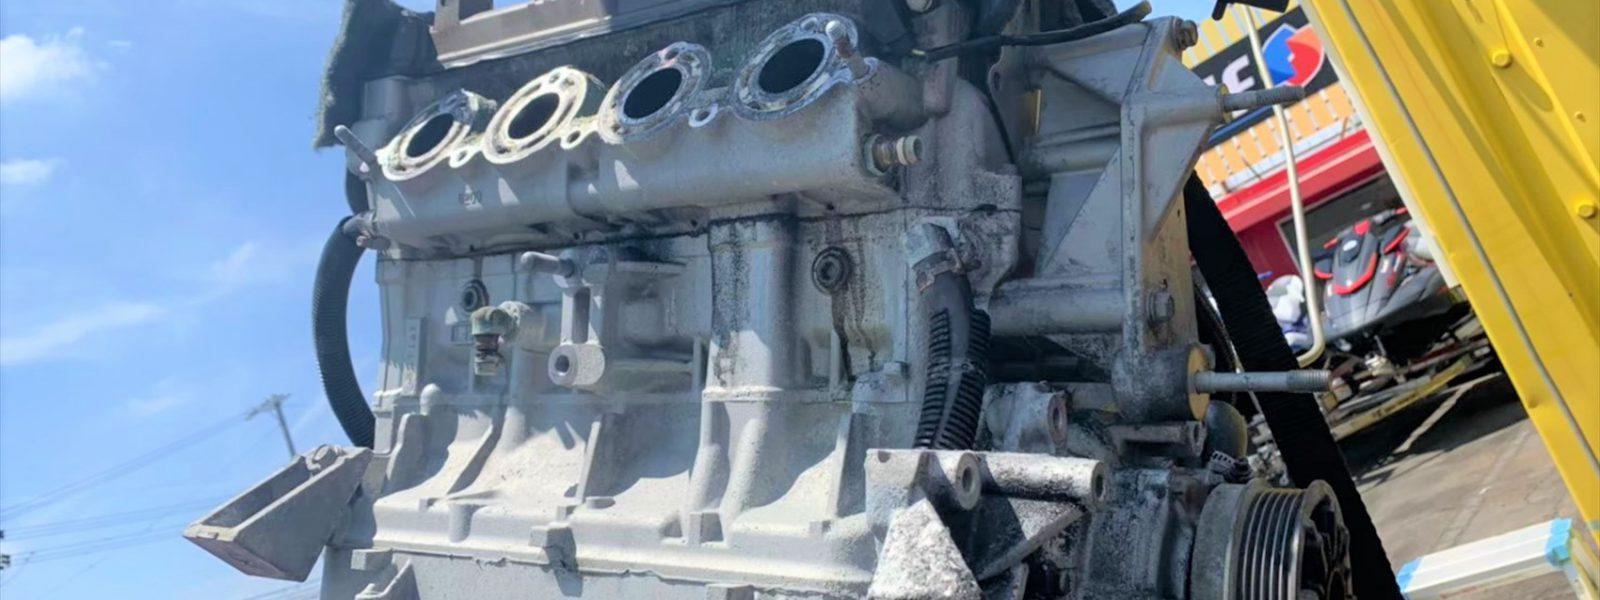 Kawasaki ジェットスキーULTRA310LX エンジン脱着修理!